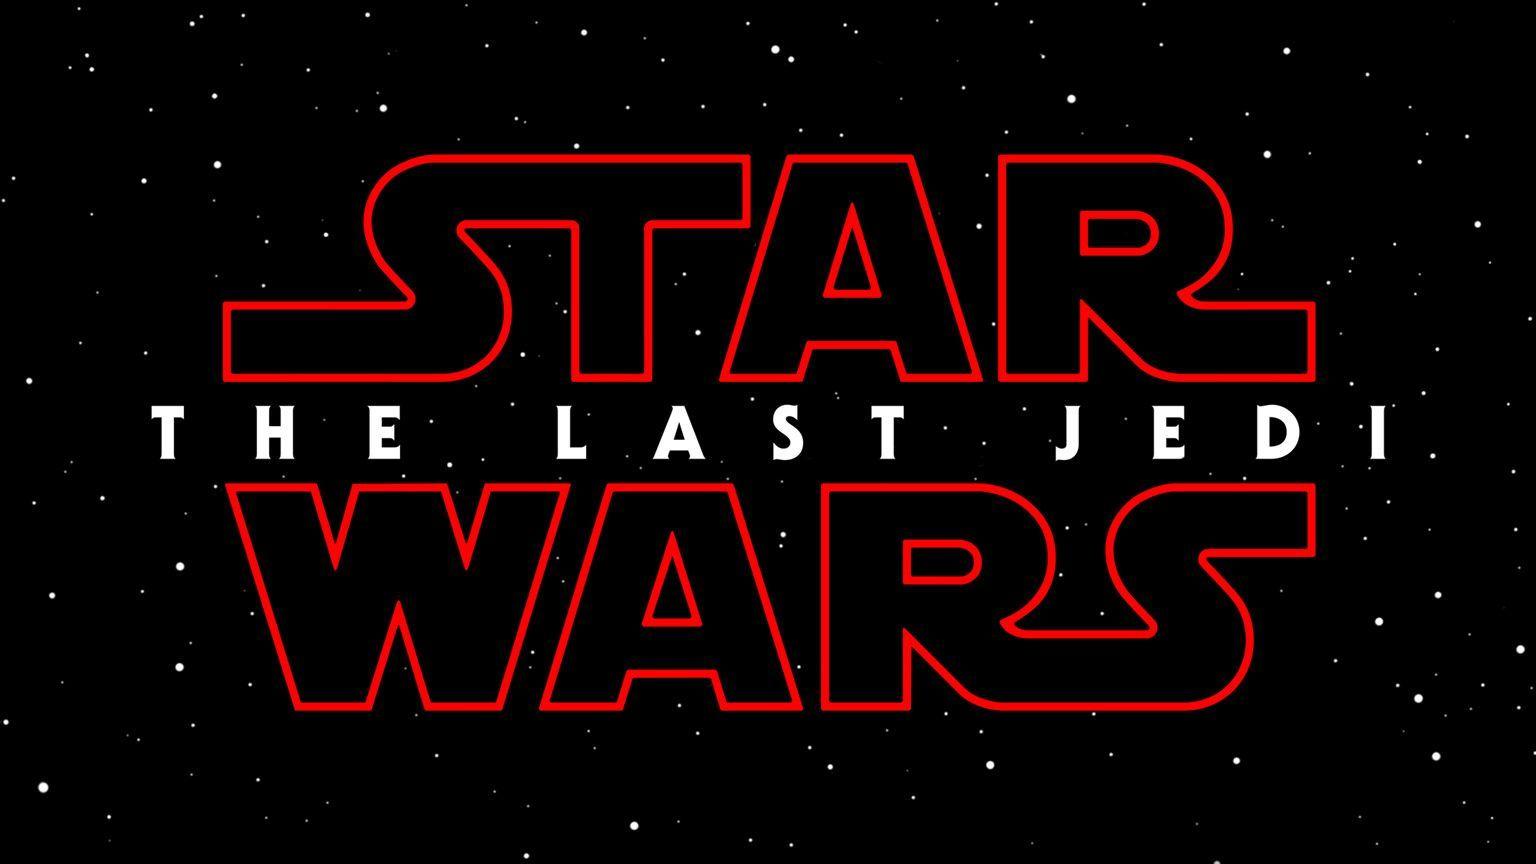 Star Wars: il titolo del prossimo capitolo è The Last Jedi, ma perché?